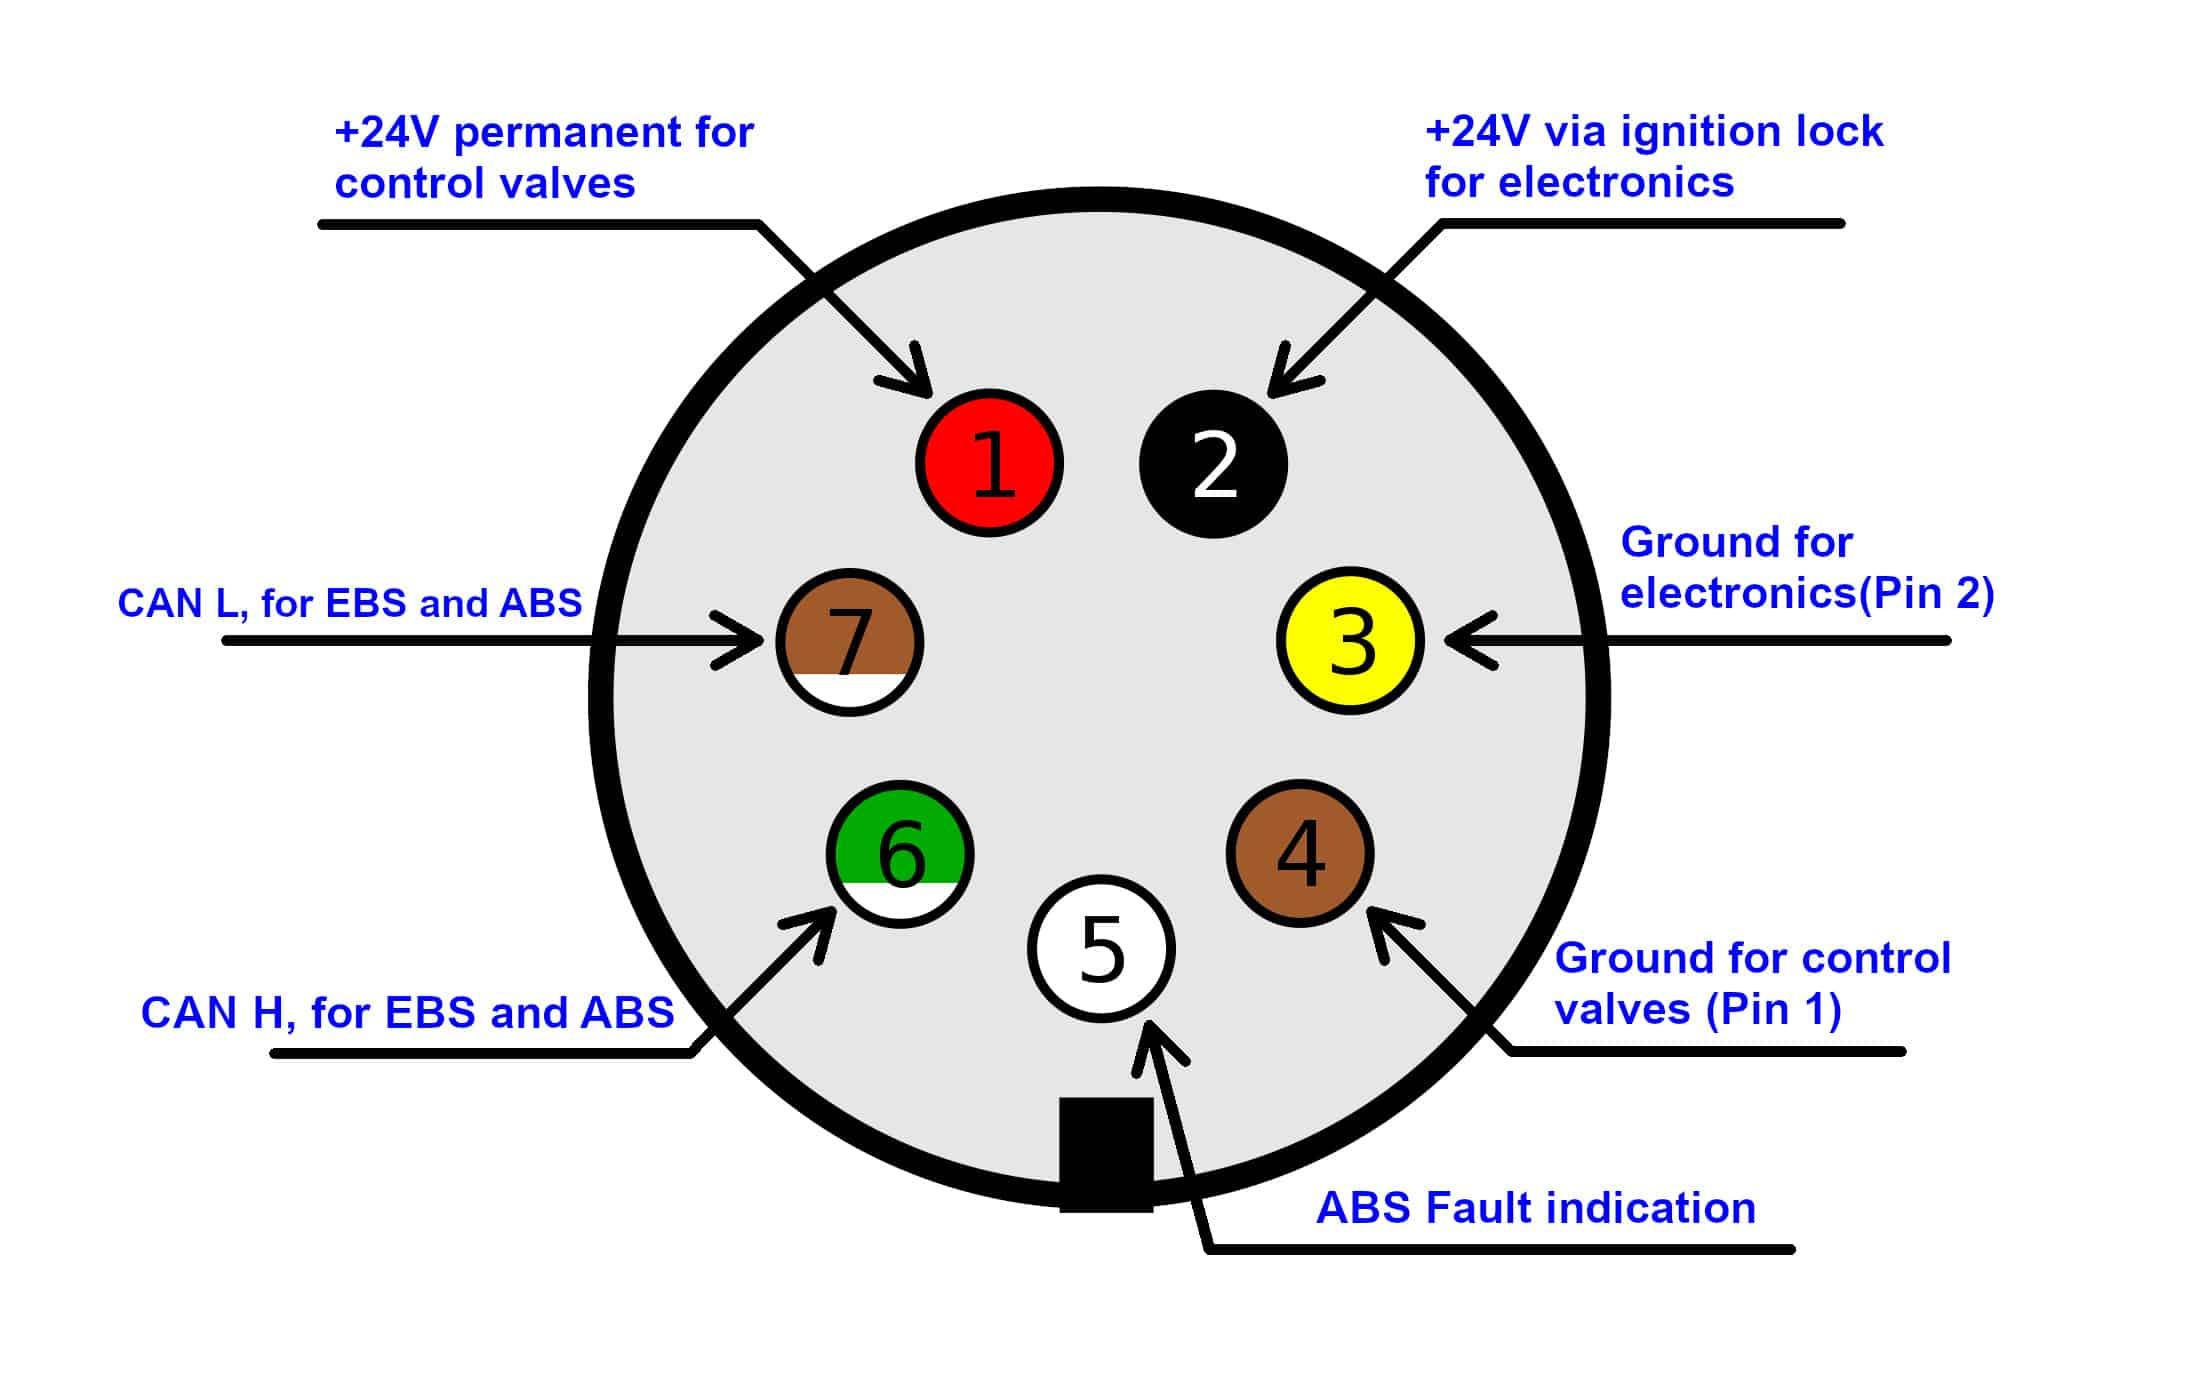 ISO 7638-1 Plug GB